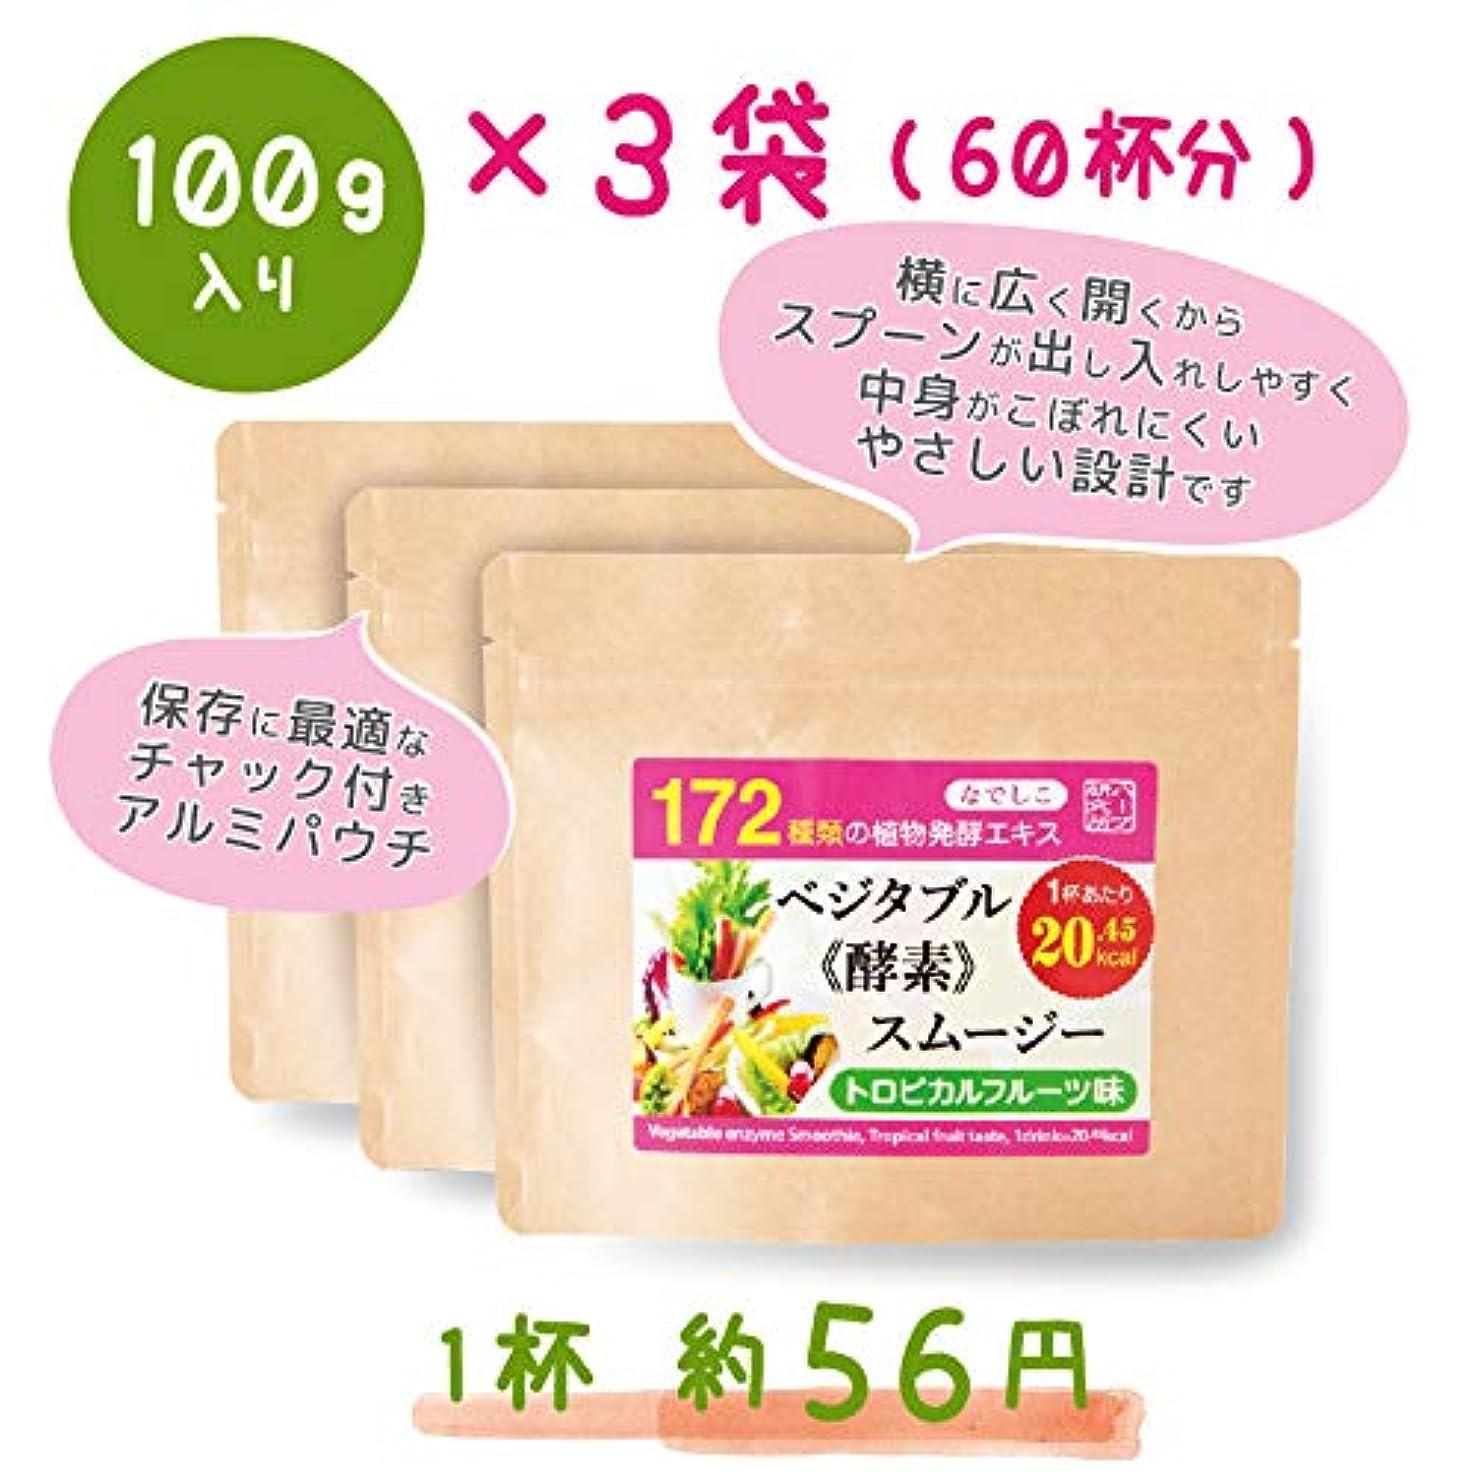 周術期不公平熟達なでしこ ベジタブル酵素入り グリーンスムージー(トロピカルフルーツ味)300g (100g×3パック)で20%OFF